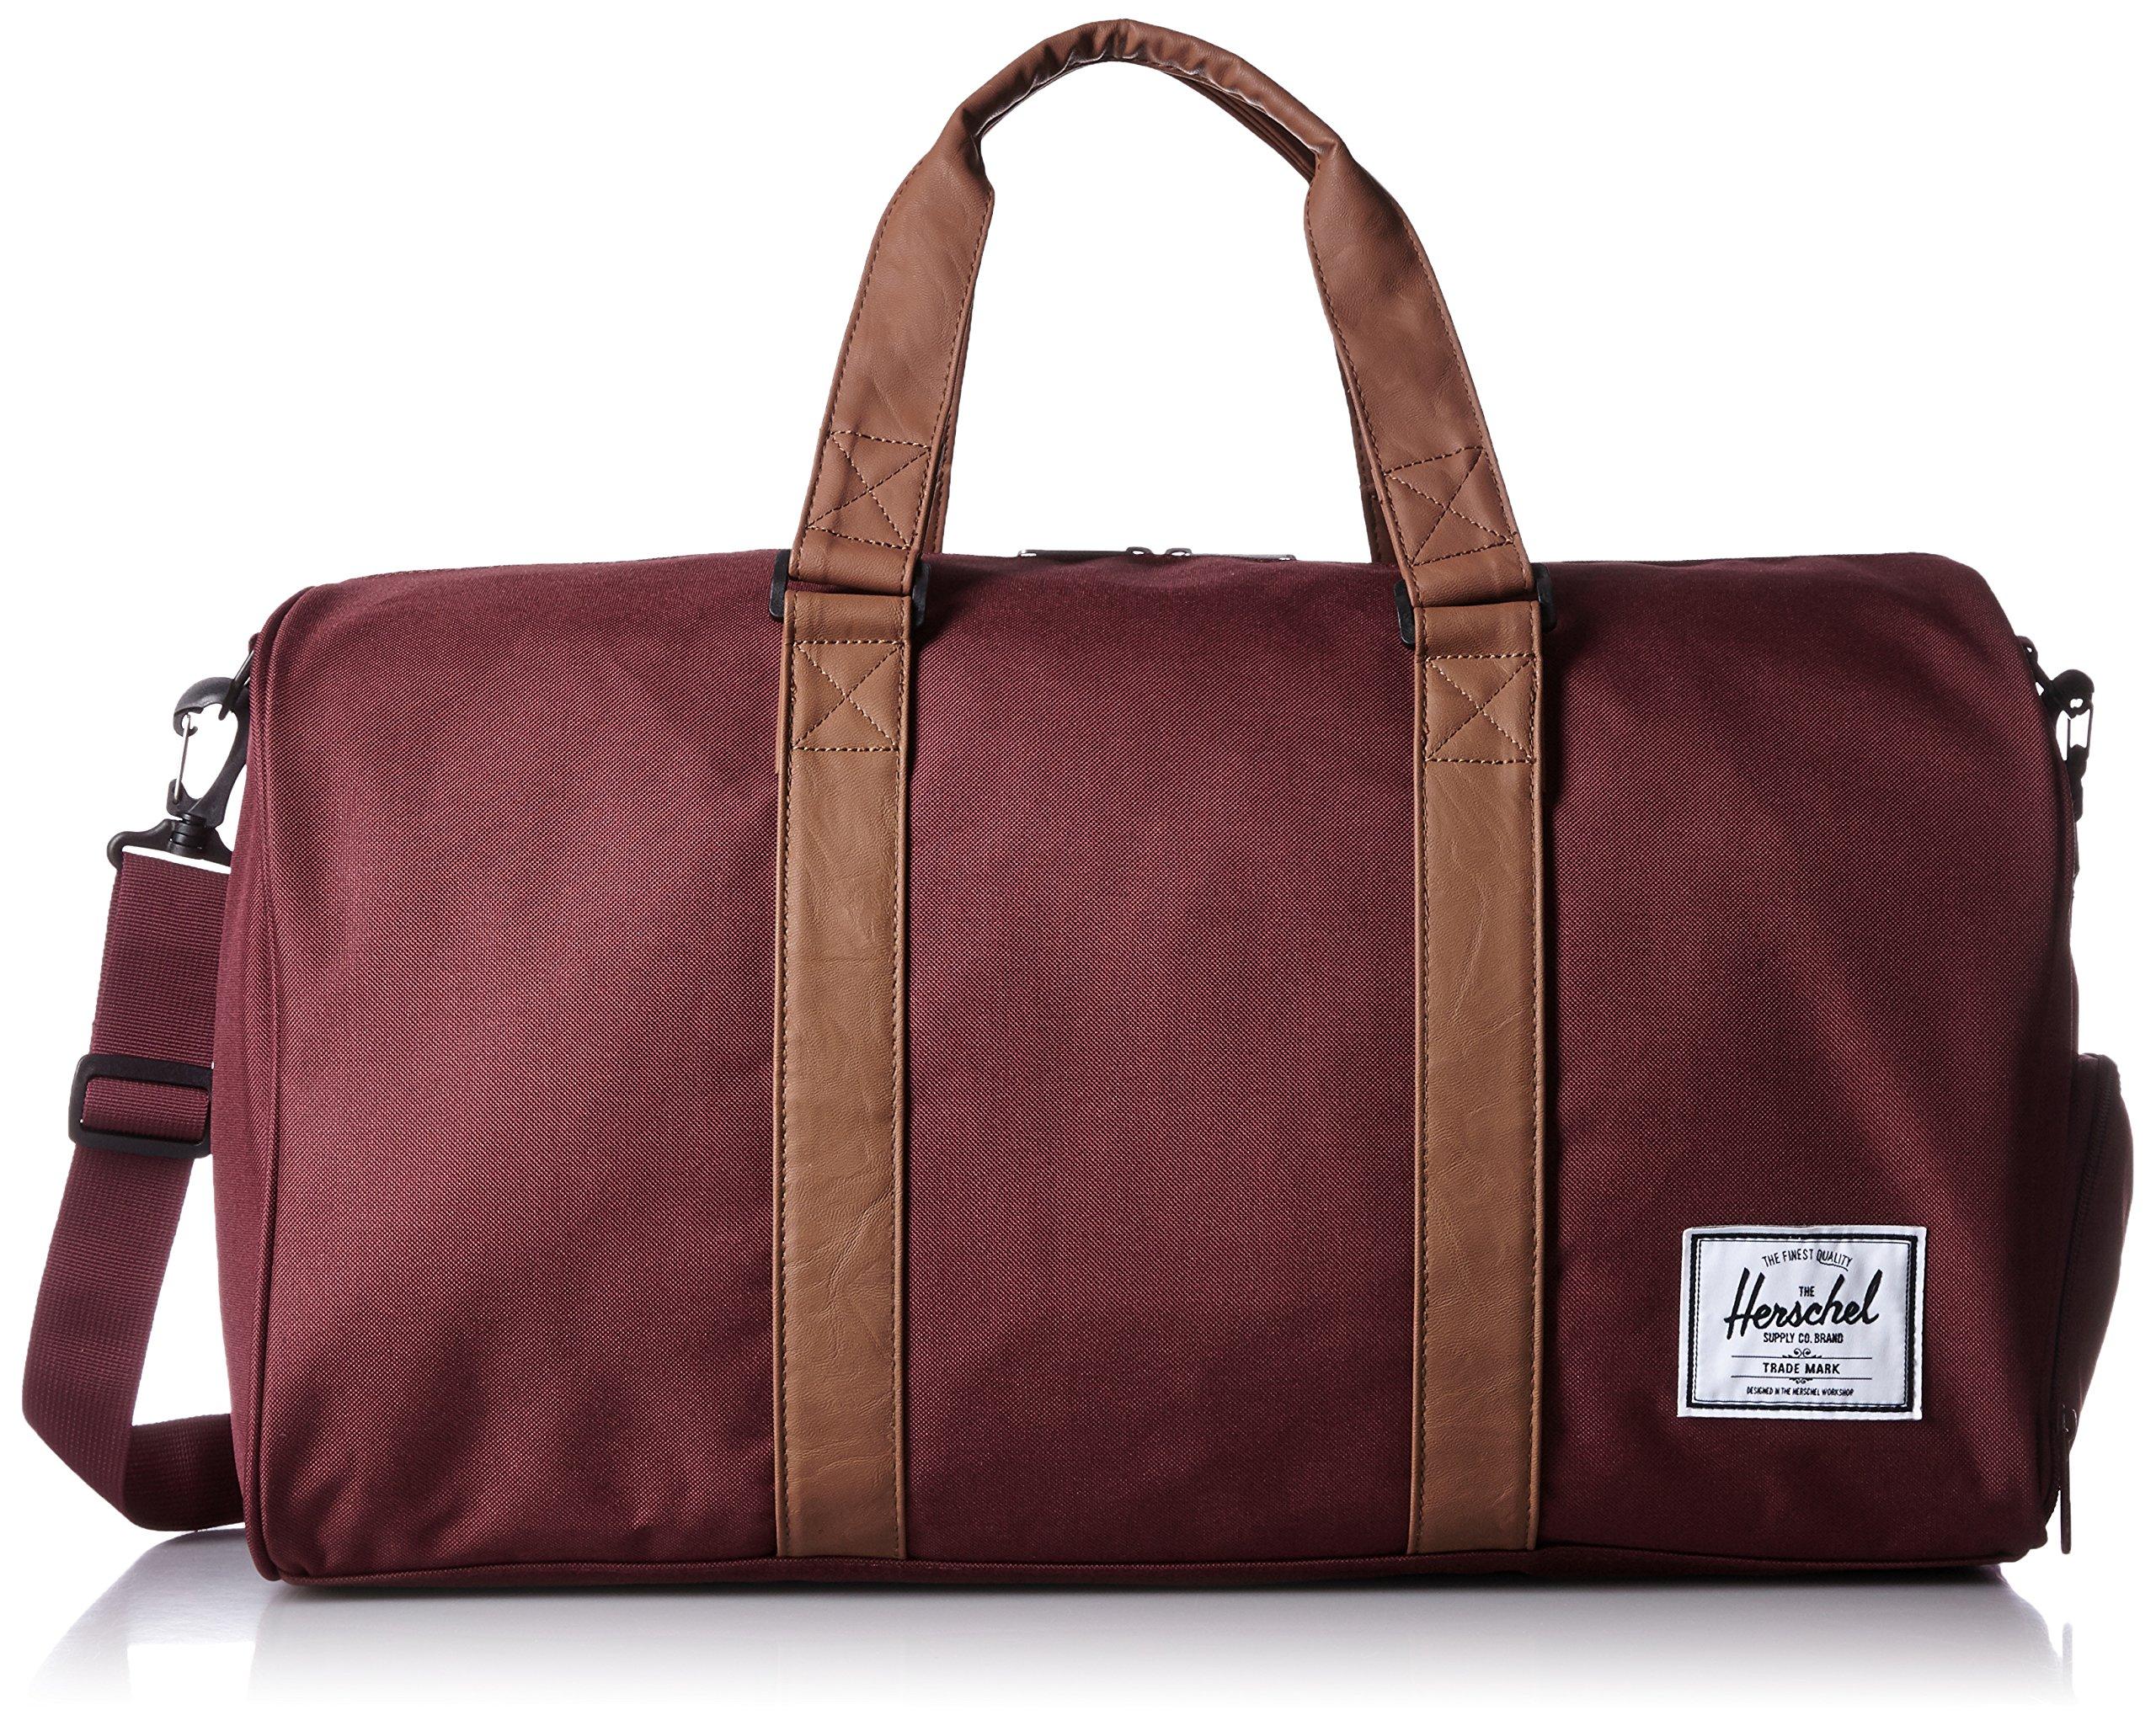 ac9417f41e1 Galleon - Herschel Supply Co. Novel Duffel Bag